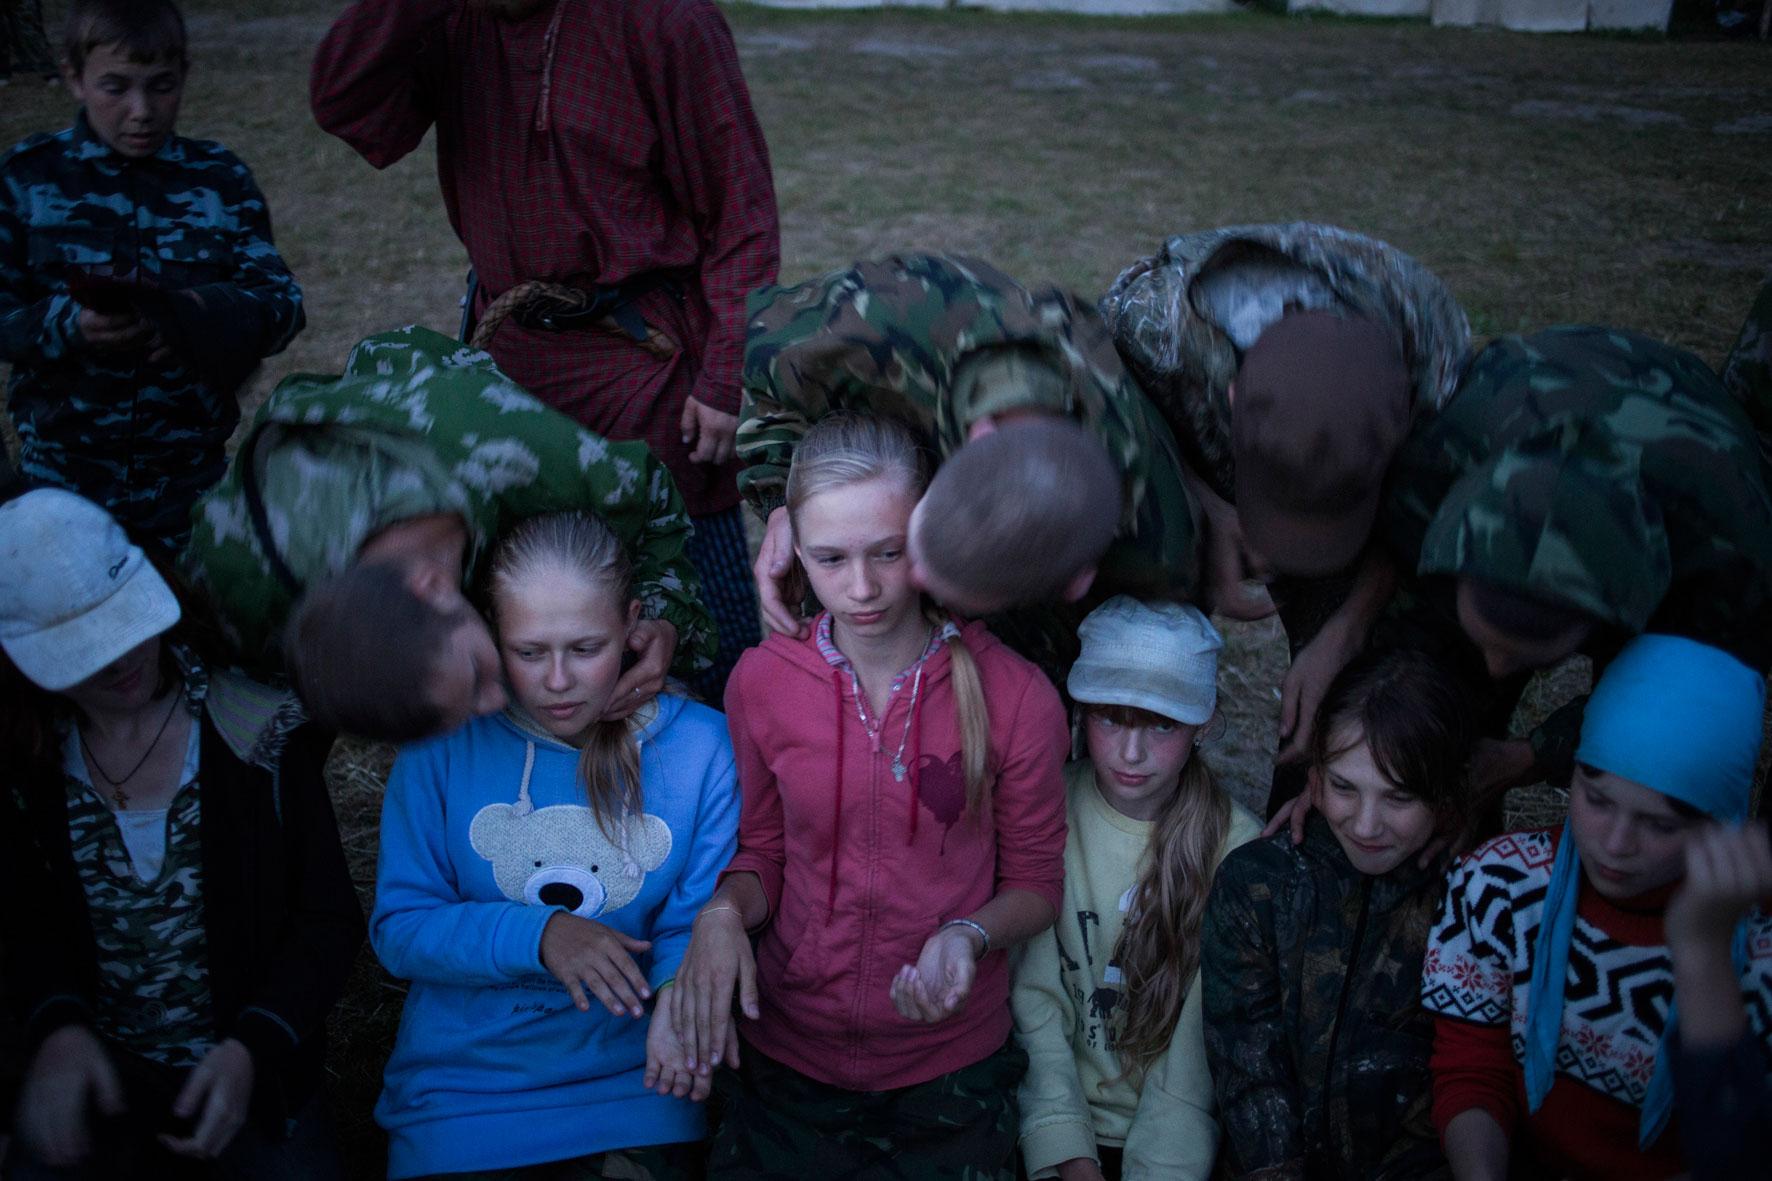 Mädchen werden während eines traditionellen Tanzspiels mit Musik von Jungs auf die Wange geküsst. Bei der »Wechörka« sollen sich junge Leute spielerisch näher kennenlernen.